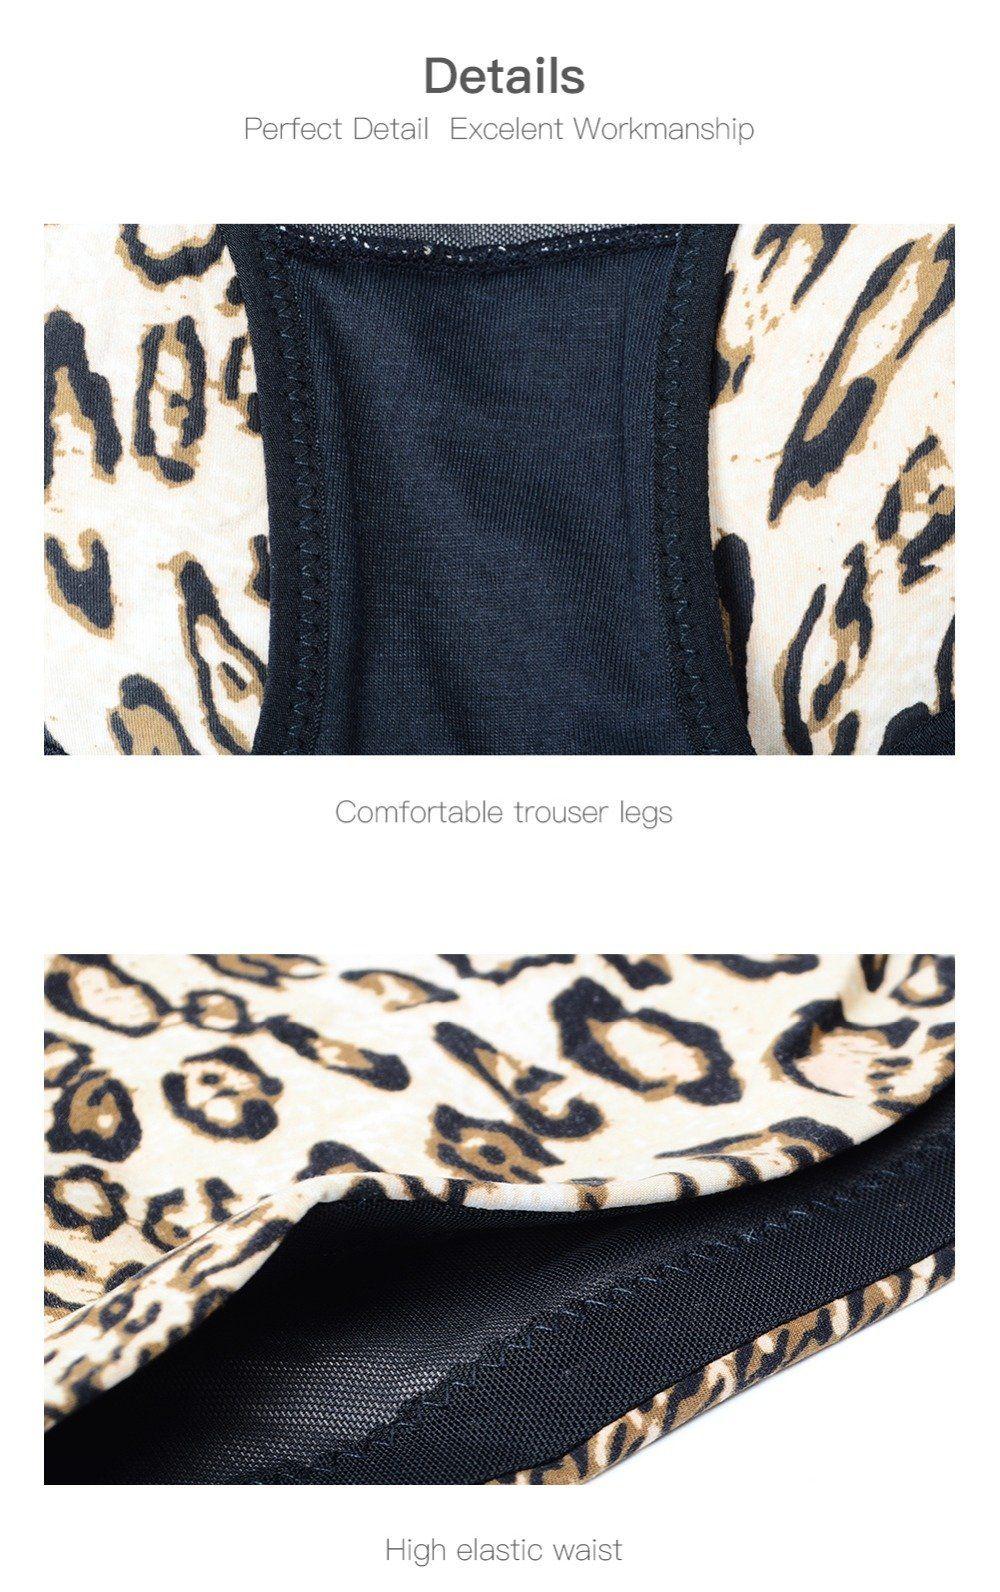 74c2016383 Body Shaper Leopard Print Slimming Briefs Butt Lifter Hip Enhancer High  Waist Seamless Rear Shaper Tummy